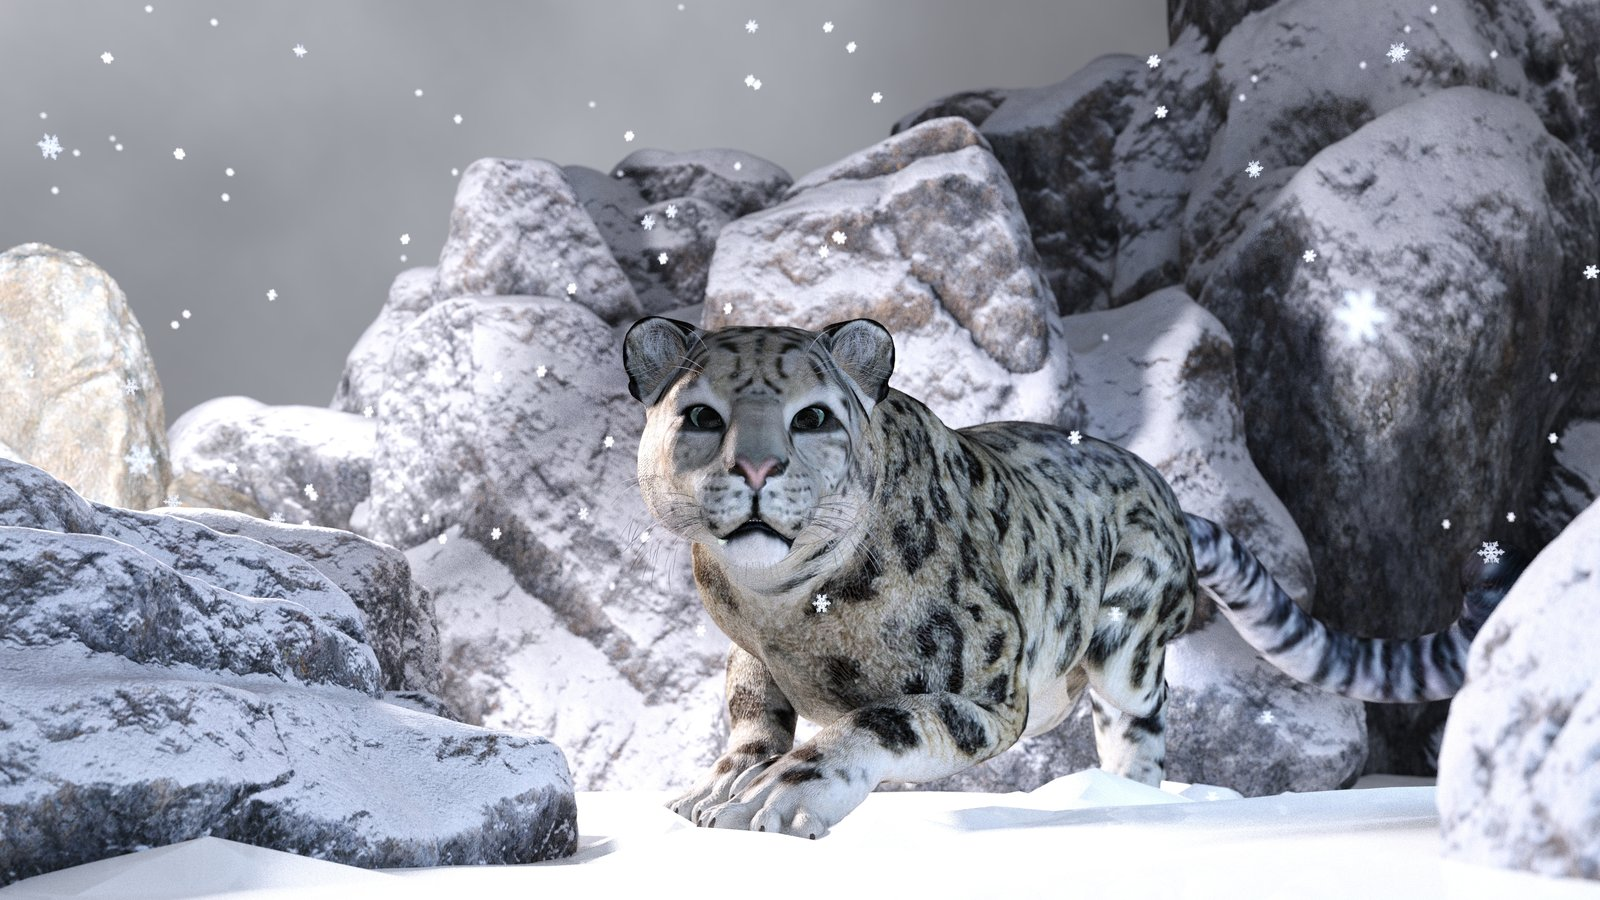 Snowleopardhunting.jpg